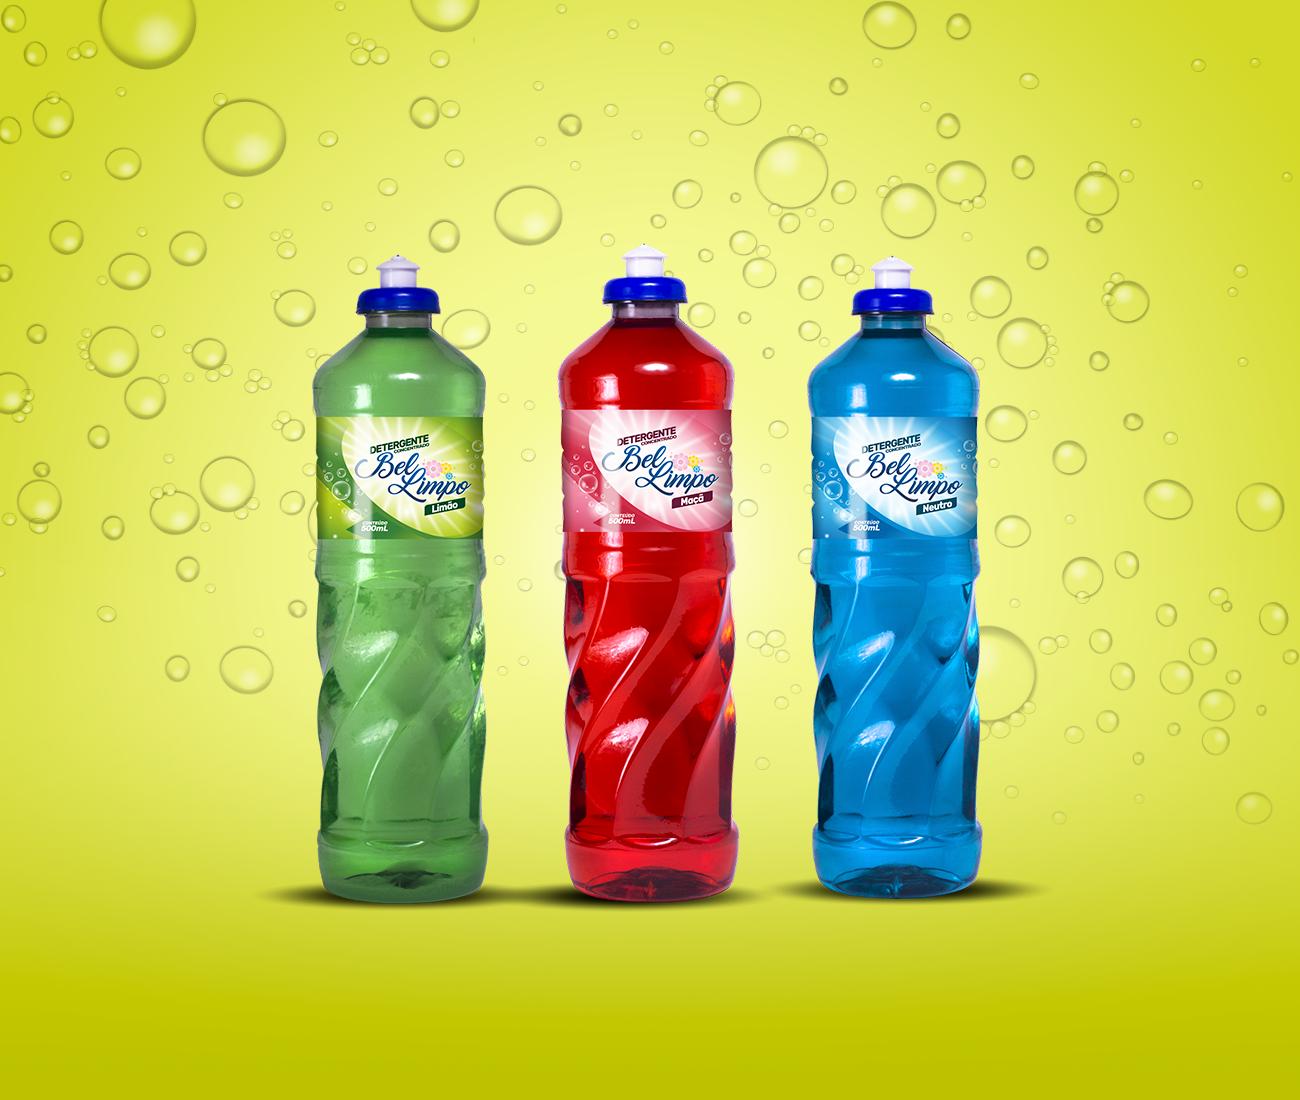 Detergente_01